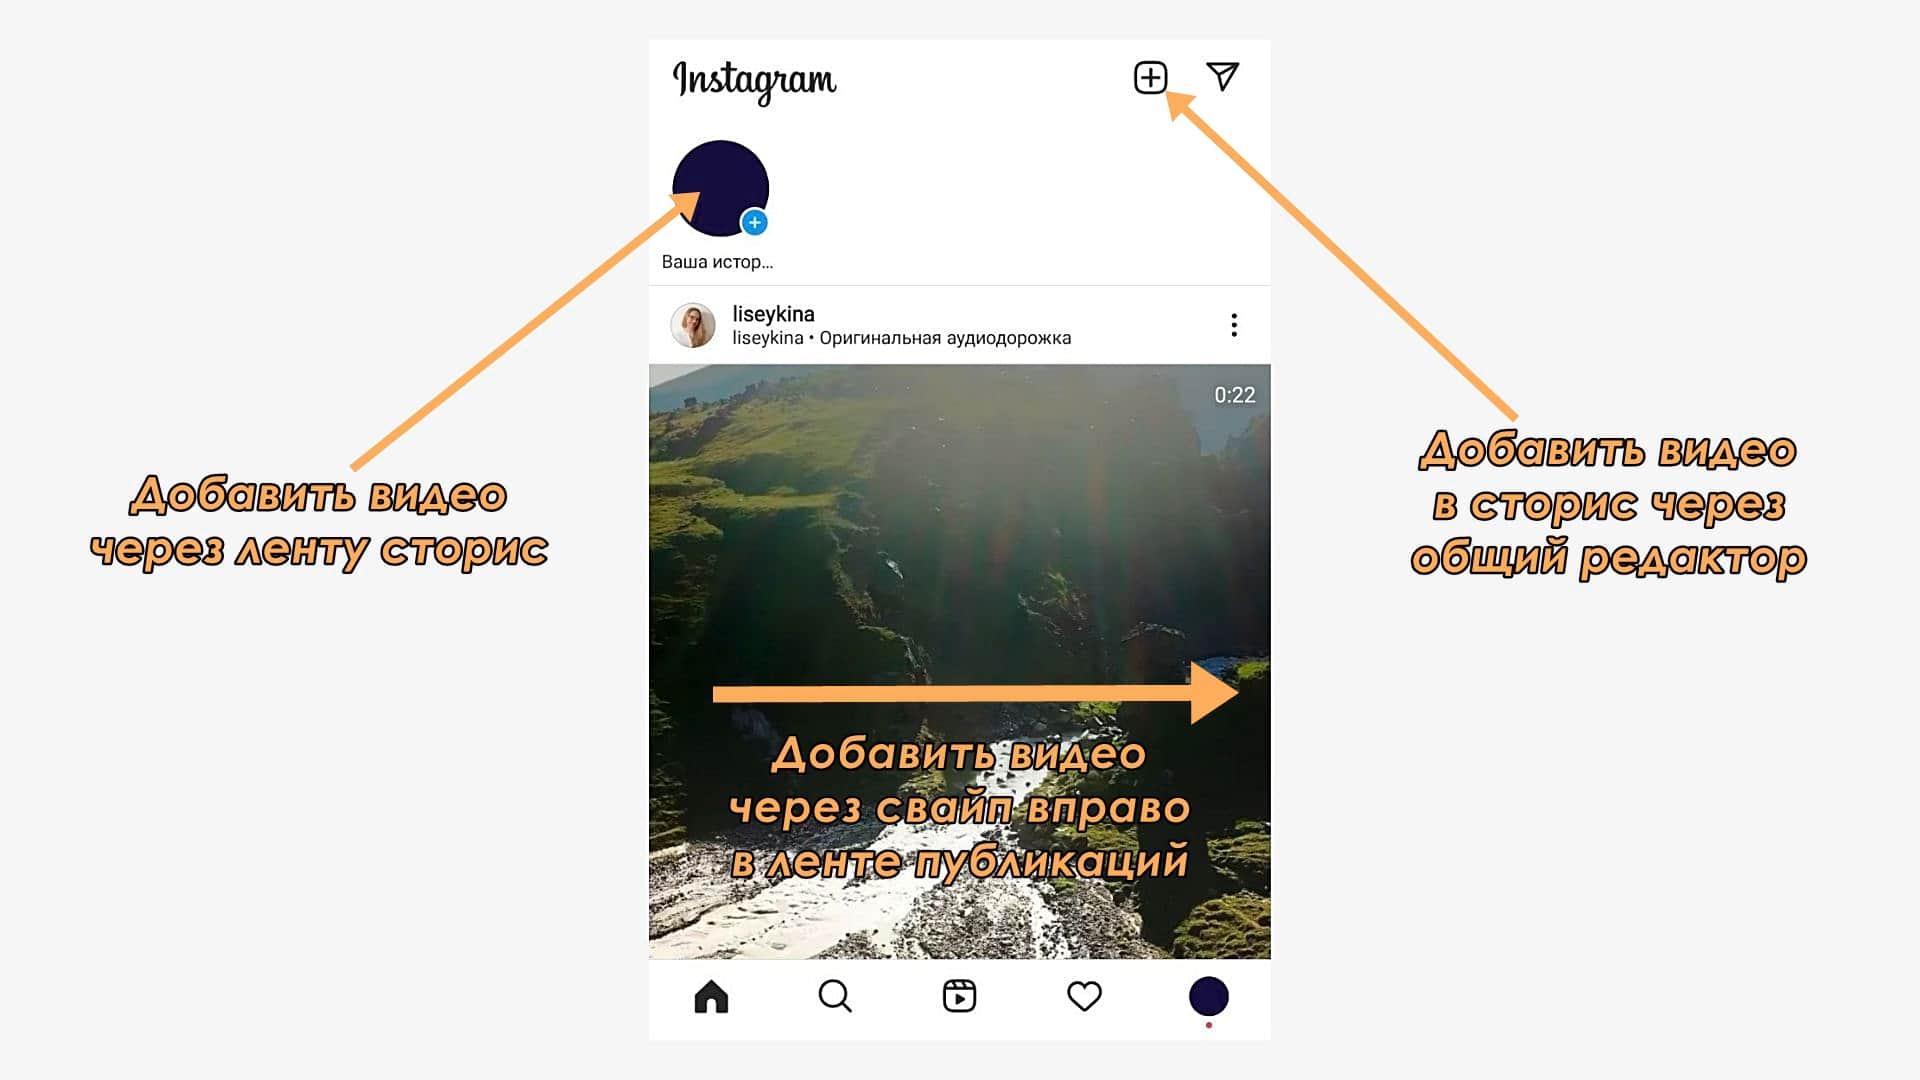 Варианты добавление видео в сторис через приложение Инстаграма